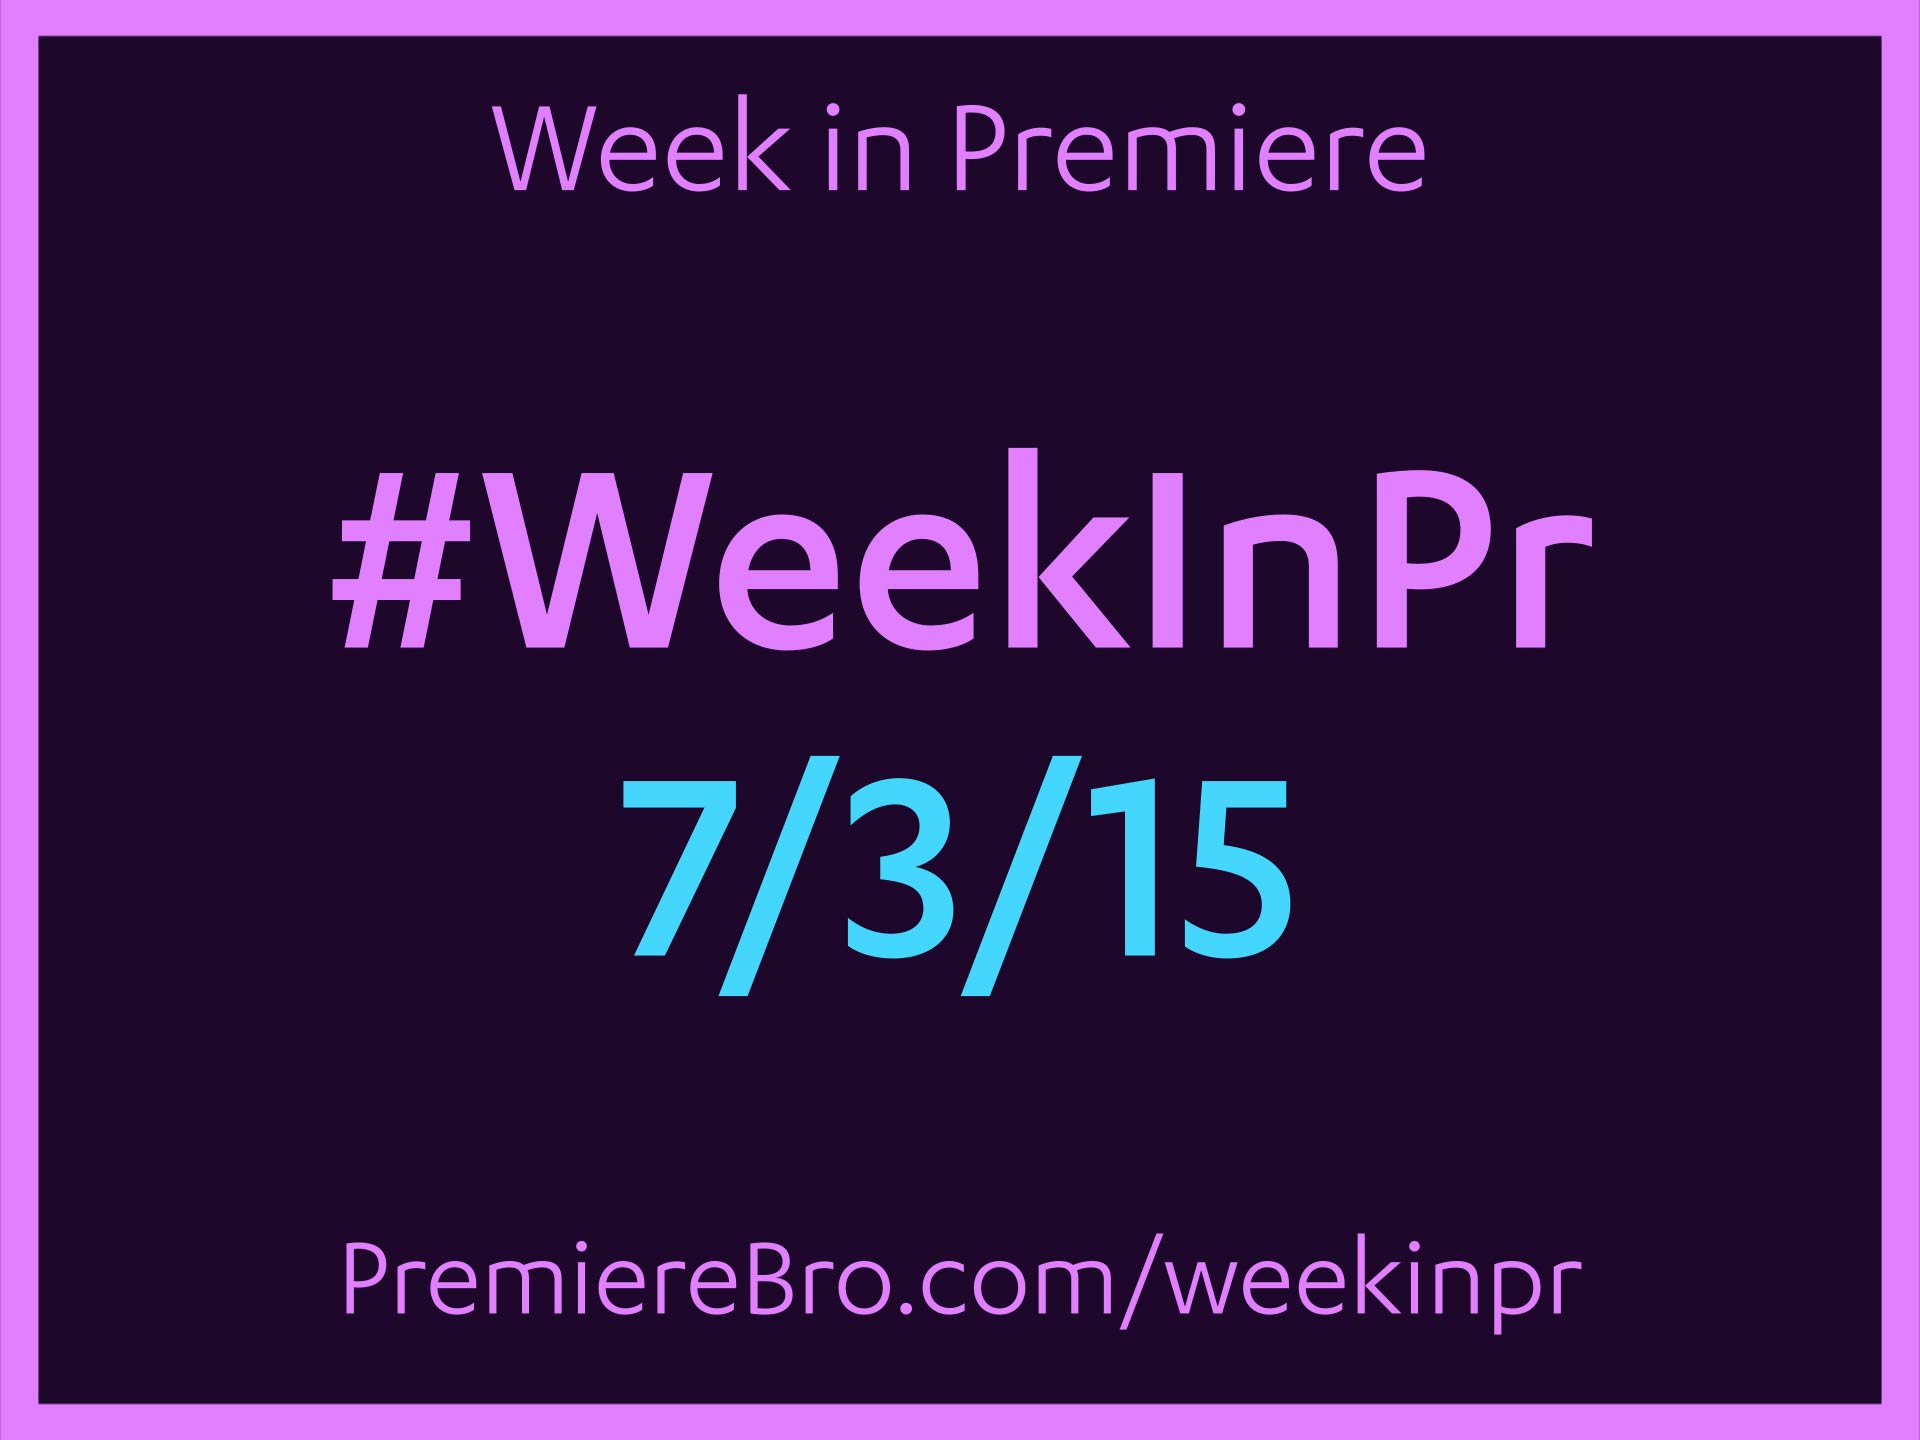 week-in-premiere-pro-7-3-15.jpg